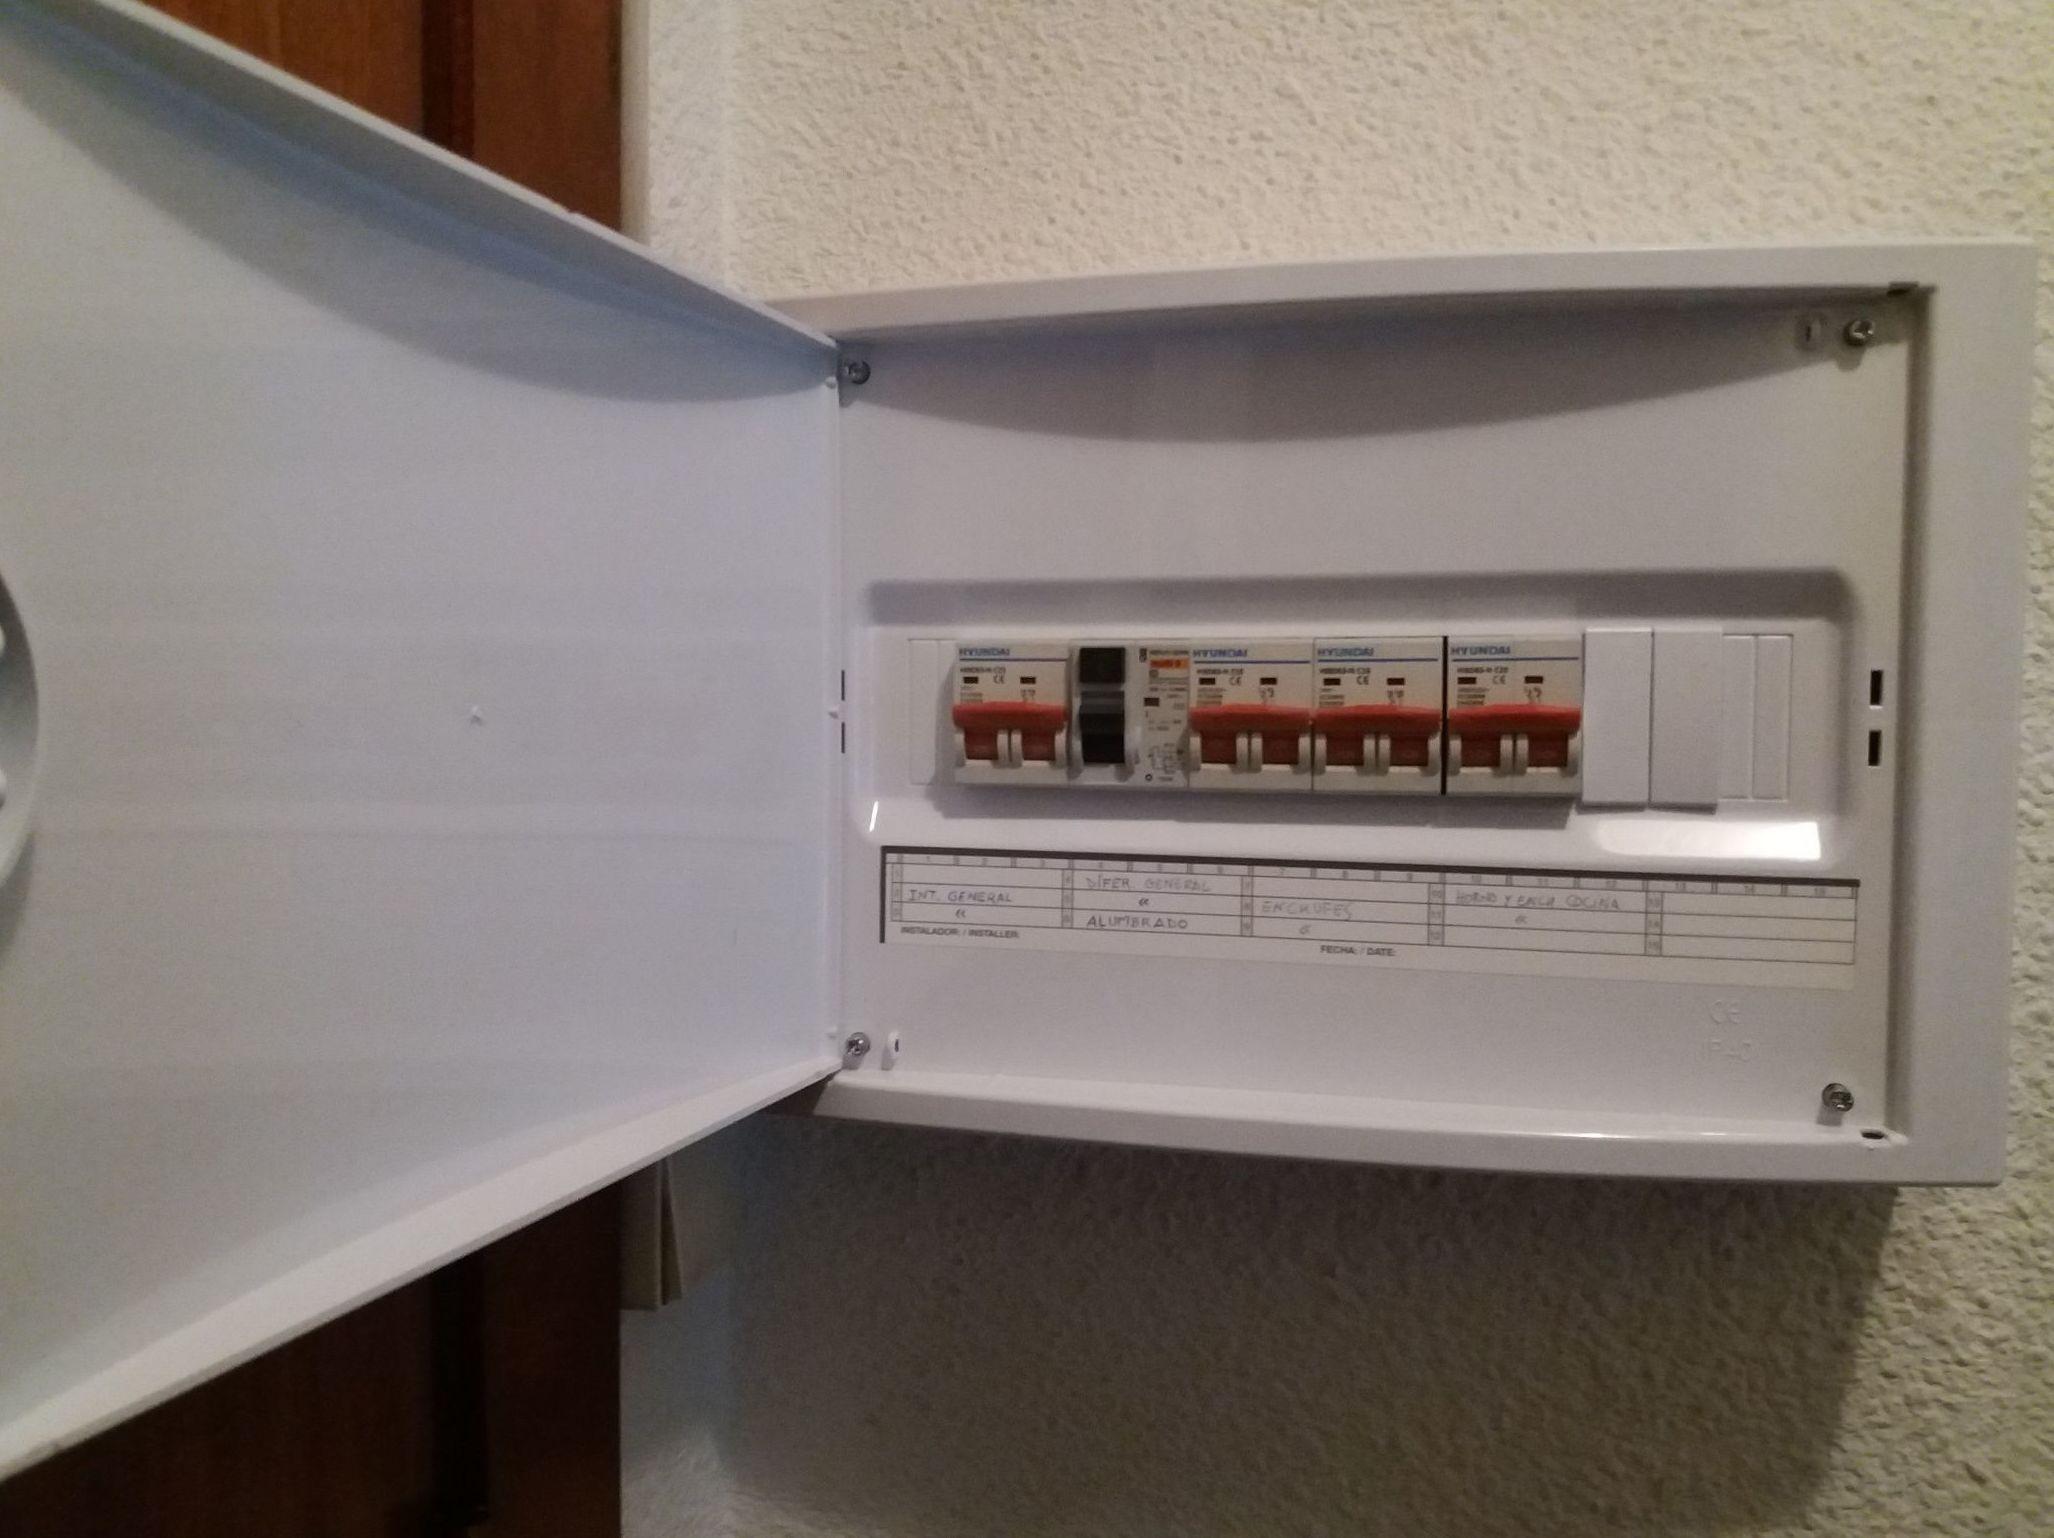 Instalación de cuadro eléctrico nuevo en vivienda en Murcia